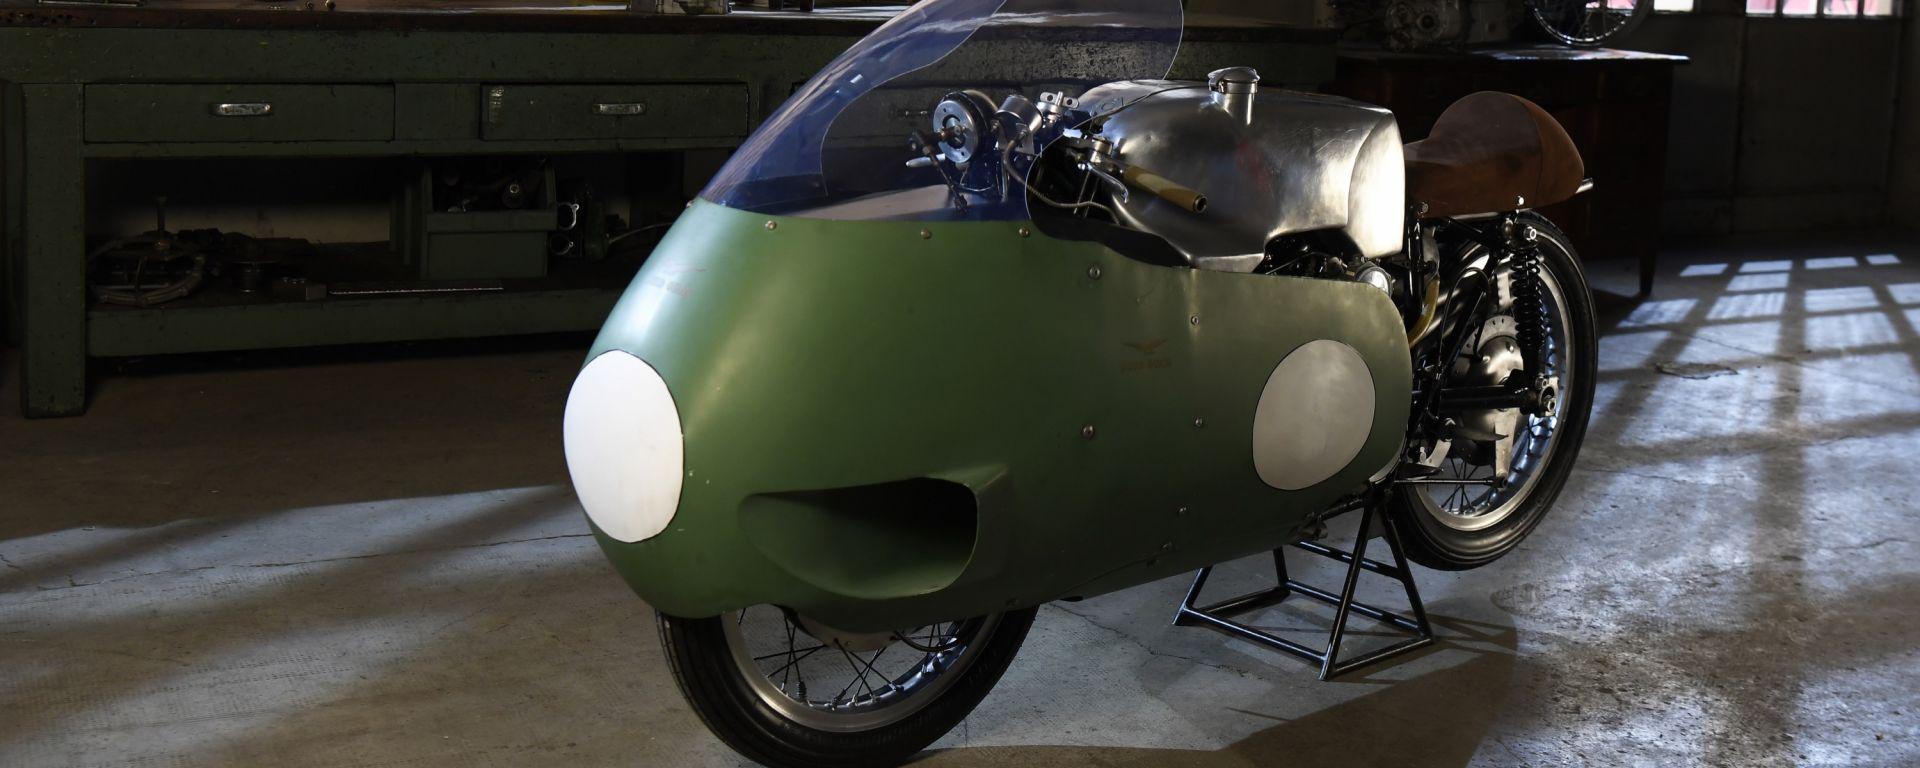 Moto Guzzi 8 Cilindri GP